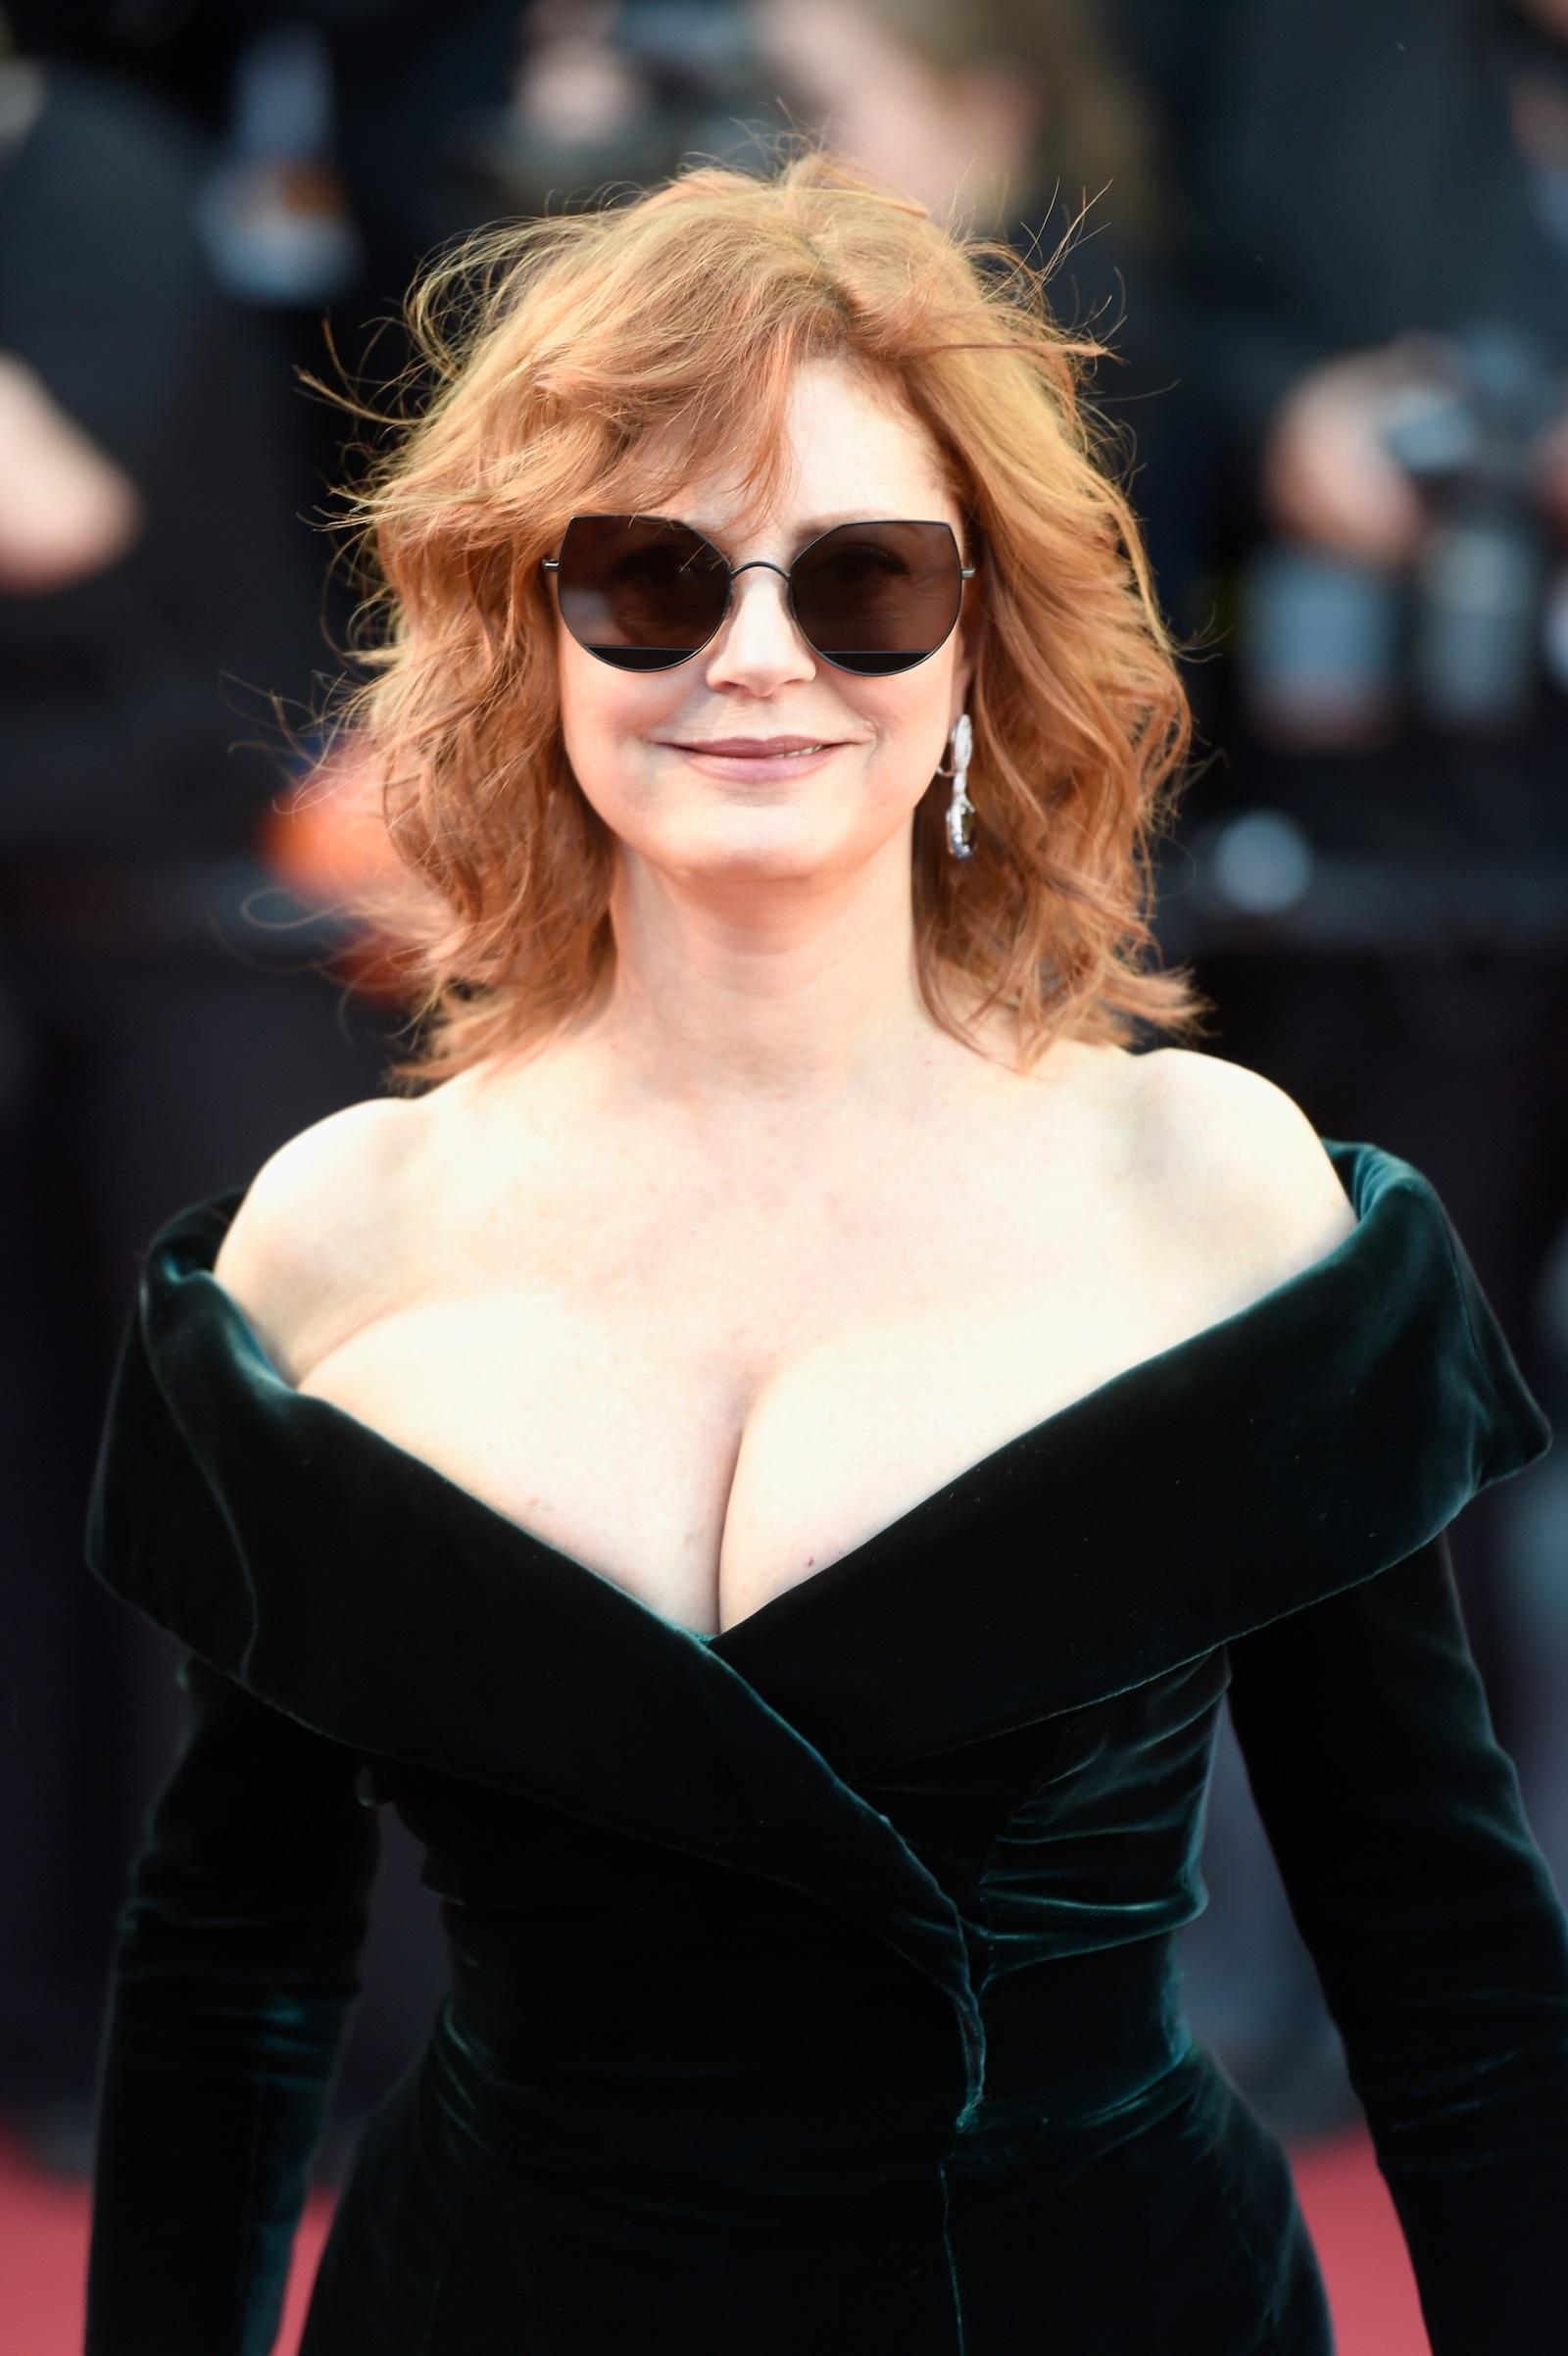 Две последователни години (2016 и 2017) Сюзън Сарандън буквално обра точките с появяването си на червения килим на Филмовия фестивал в Кан. С рокли подчертаващи извивките ѝ, висока цепка и голямо деколте, 72-годишната актриса демонстрира увереност и форма, на която много жени биха завидели.